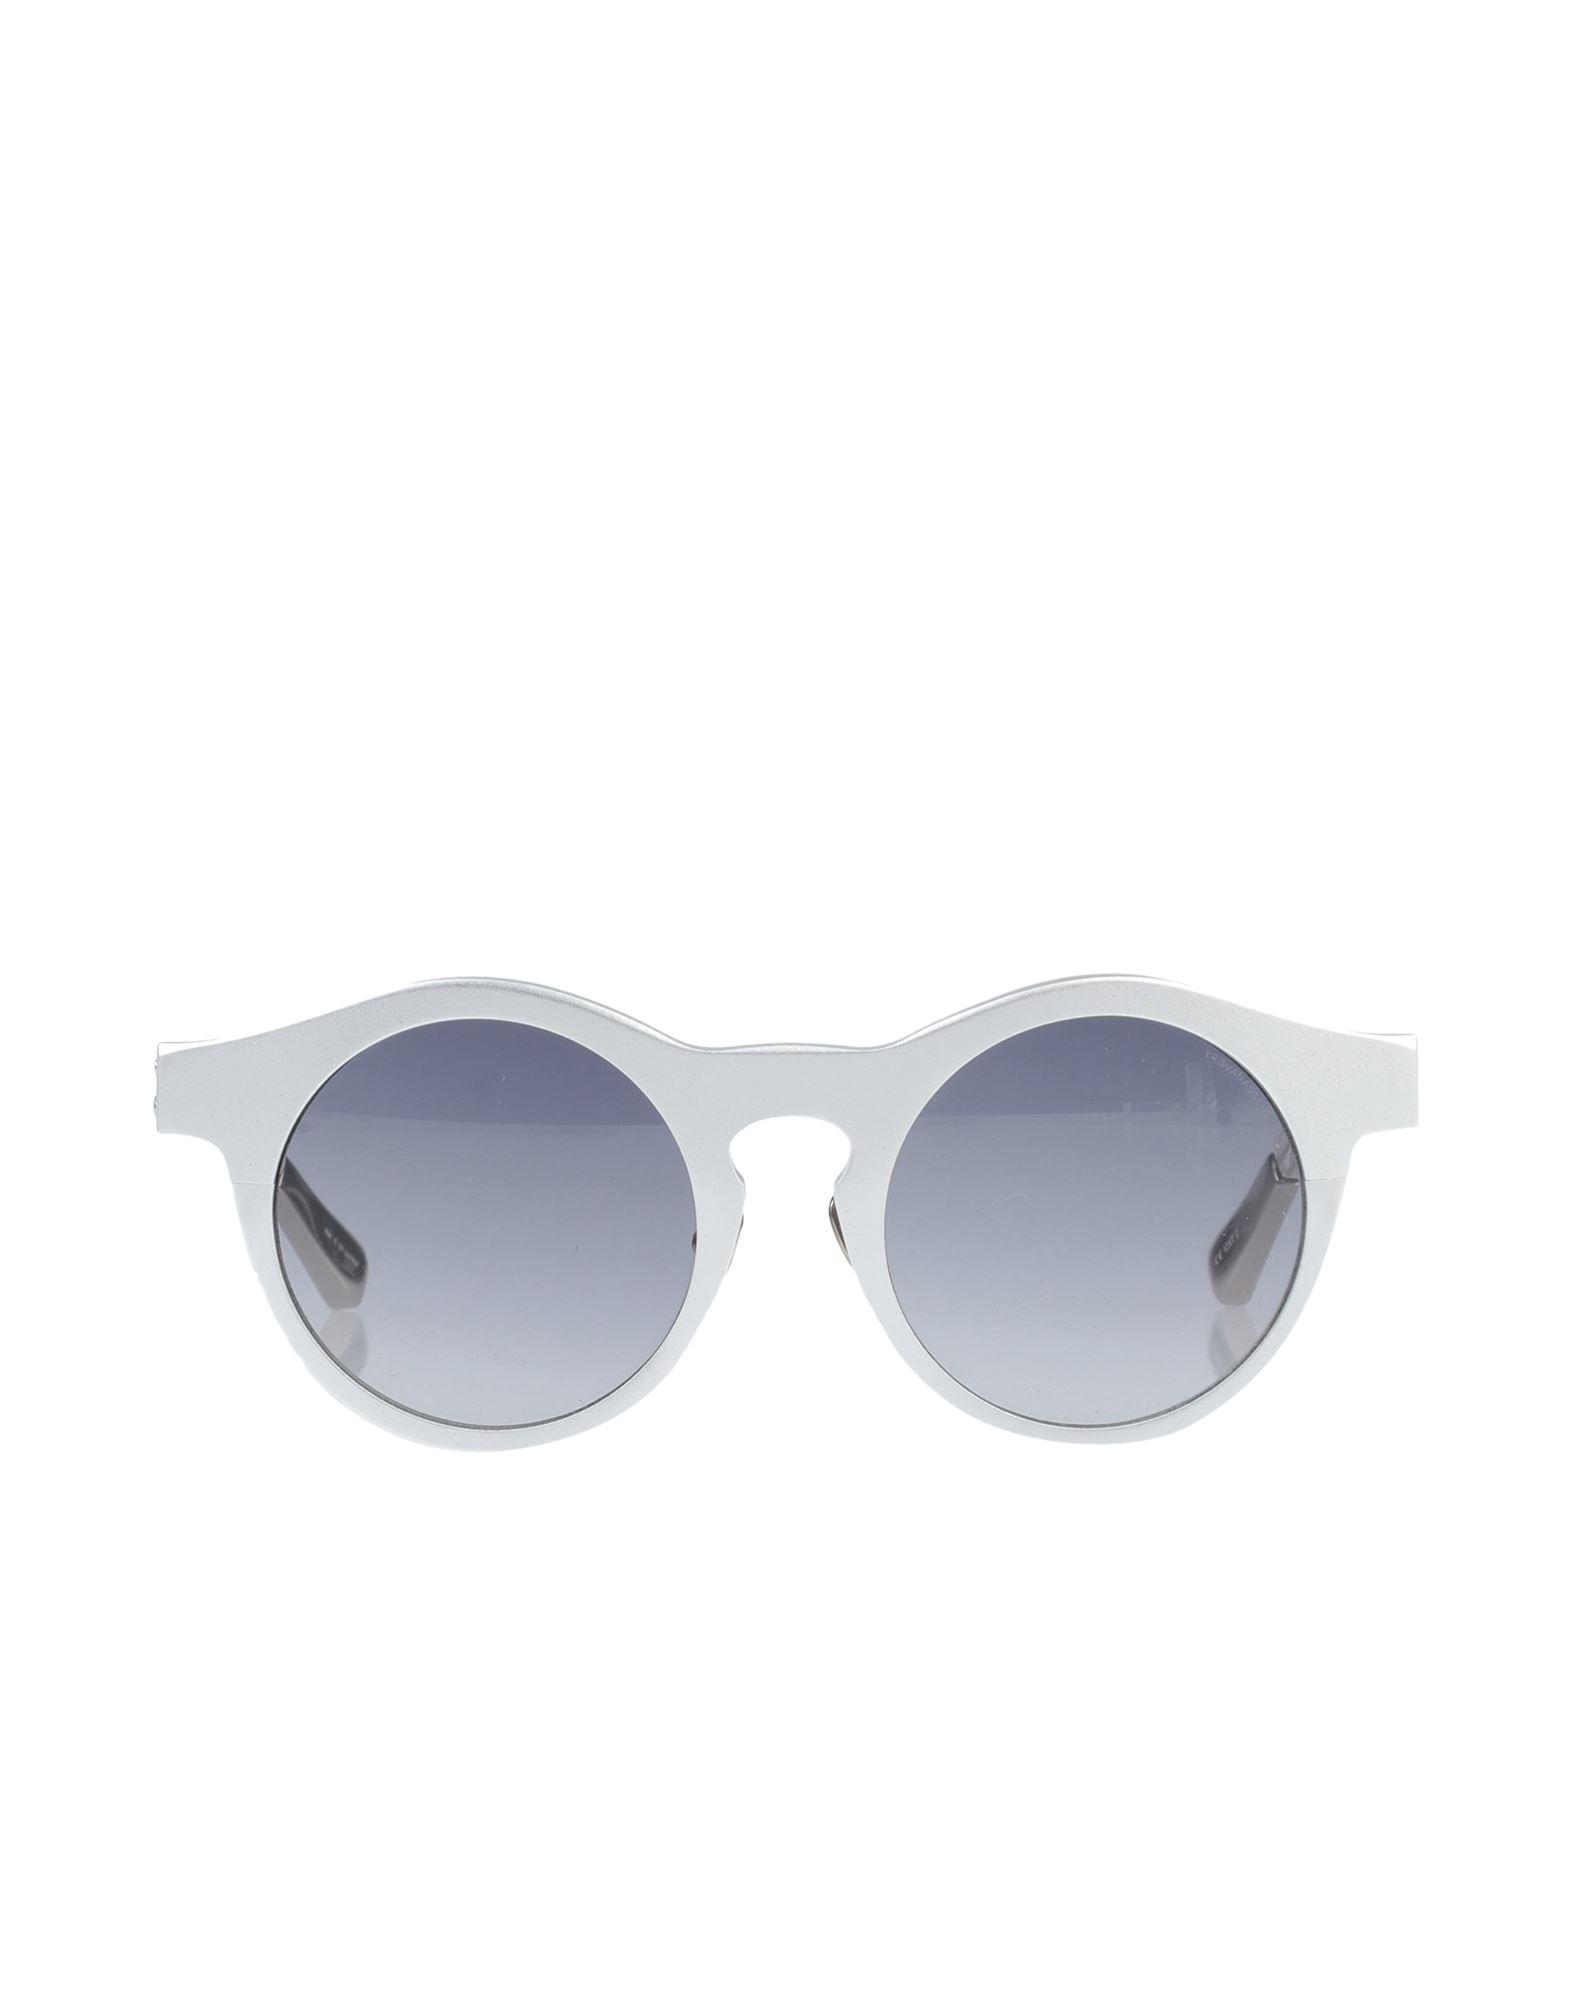 LINDA FARROW x KRIS VAN ASSCHE Солнечные очки